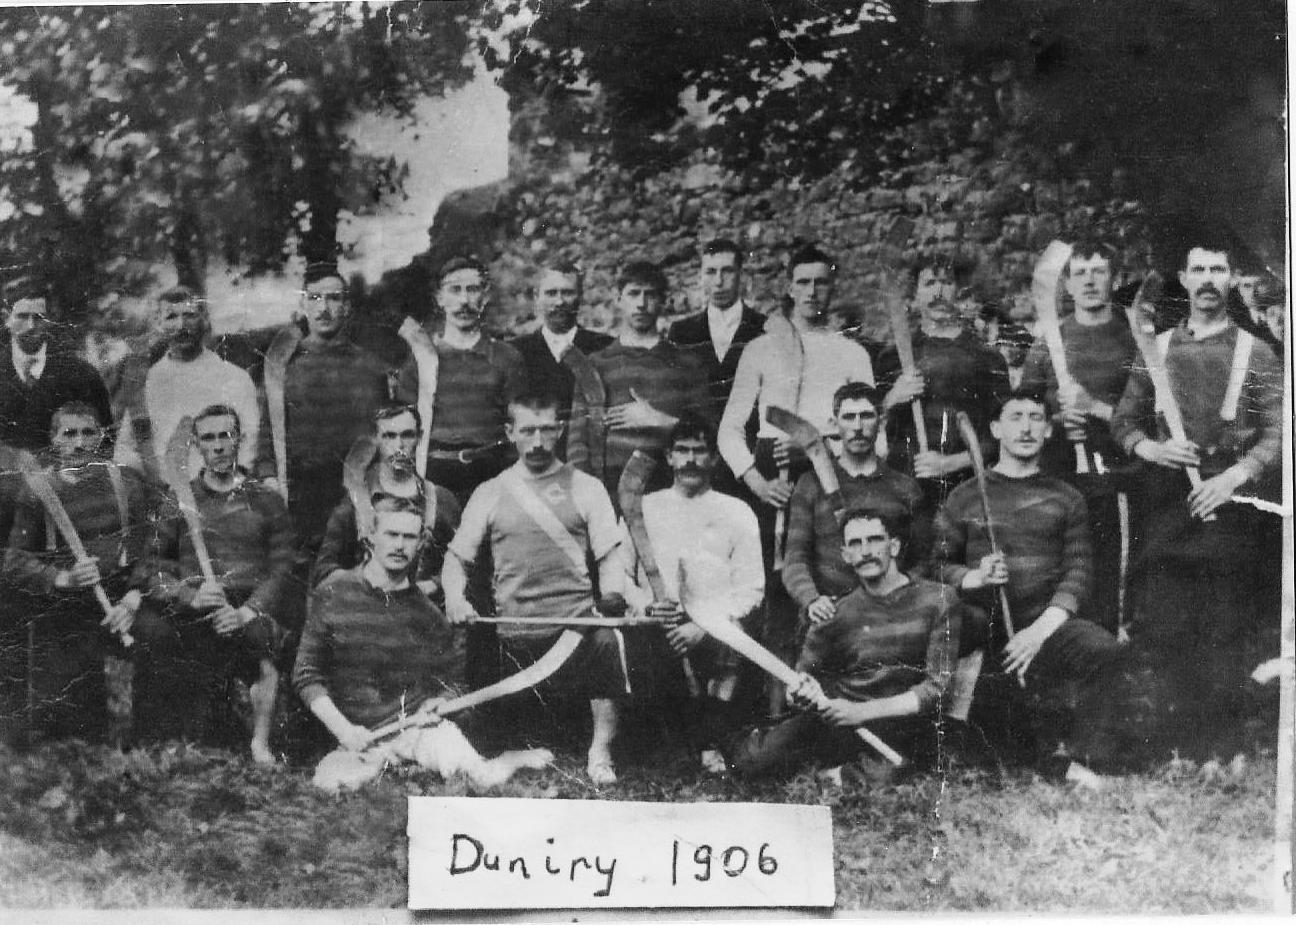 Duniry Team 1906